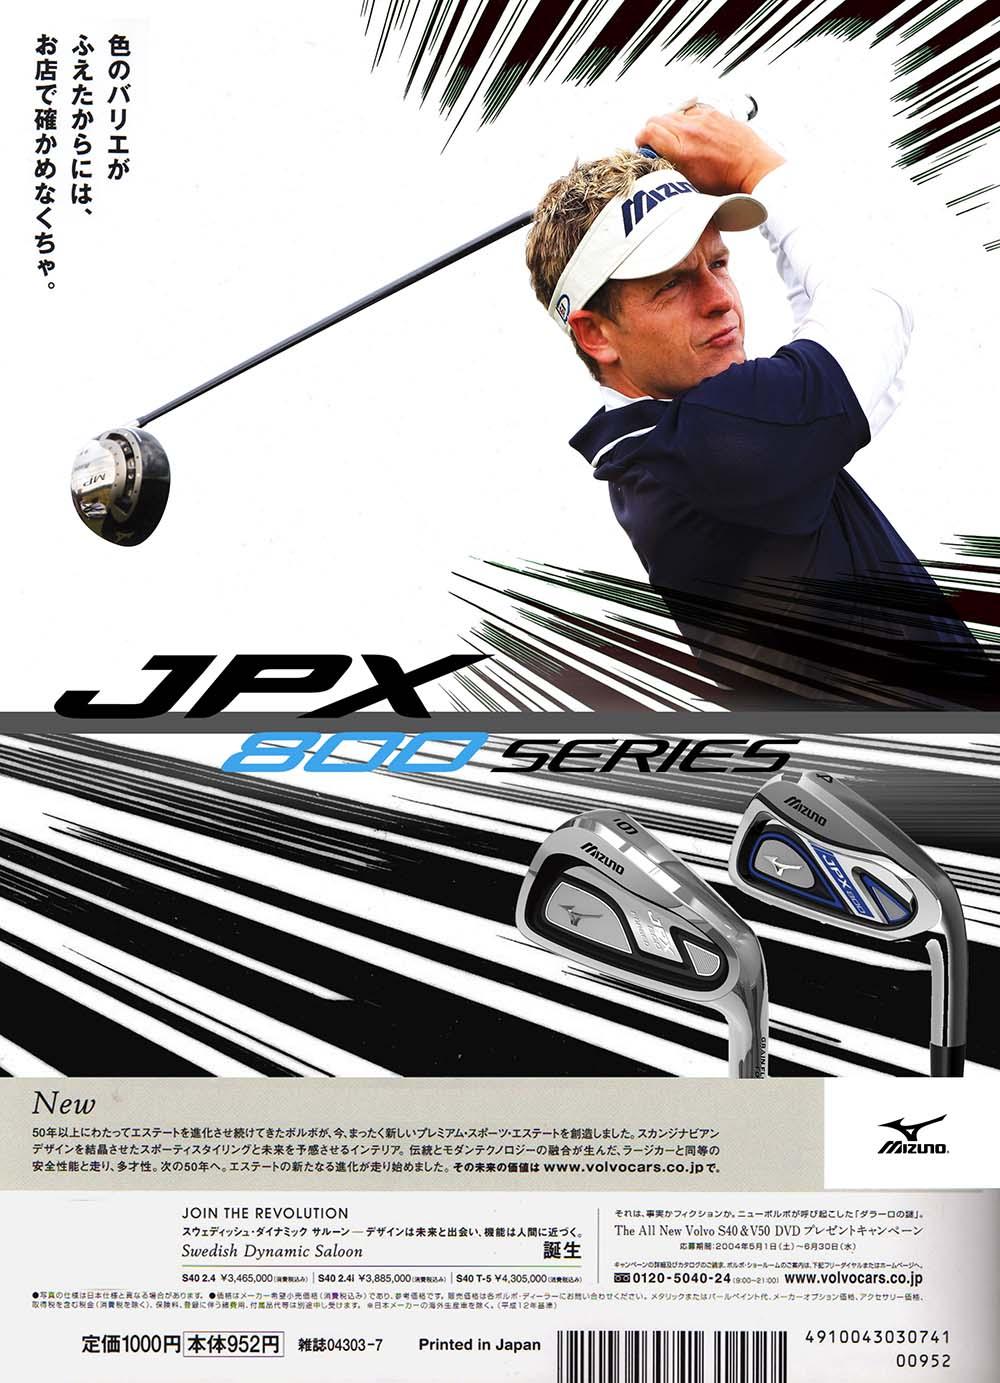 Mizuno JPX Print Ad Concept 01